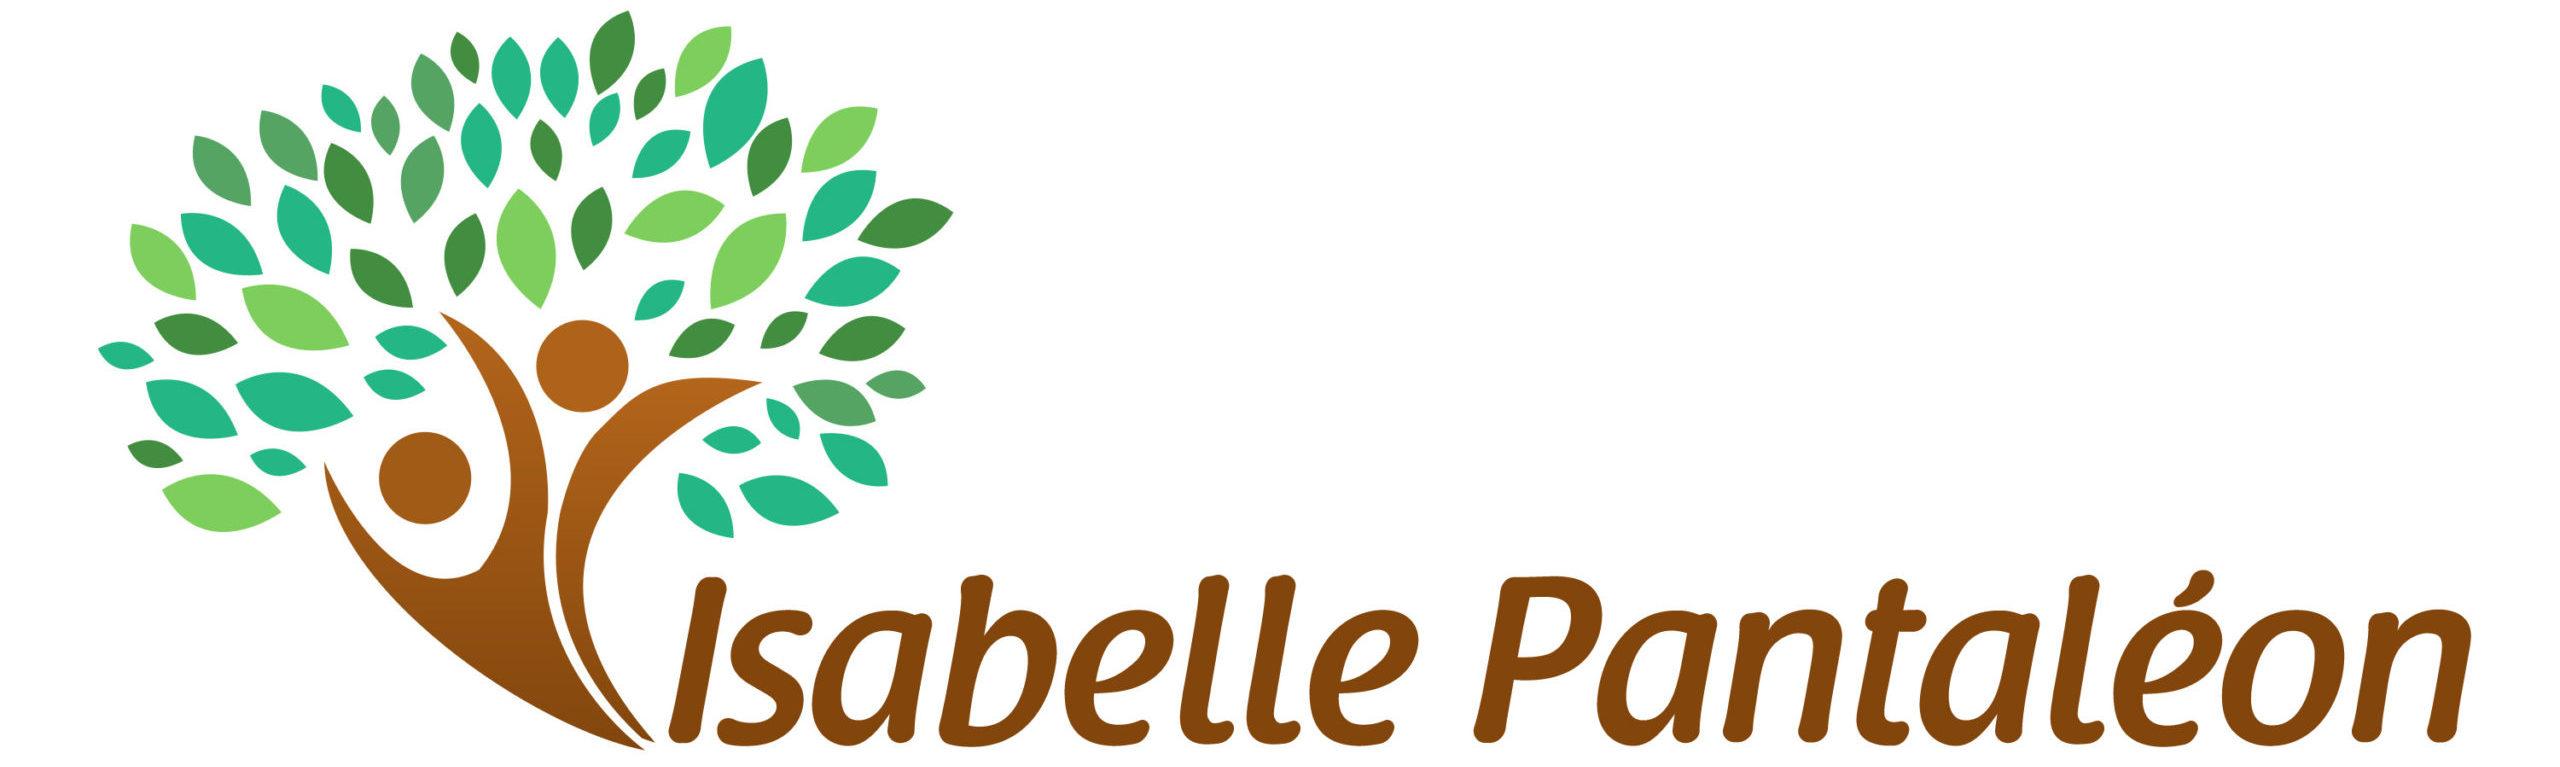 Isabelle Pantaléon